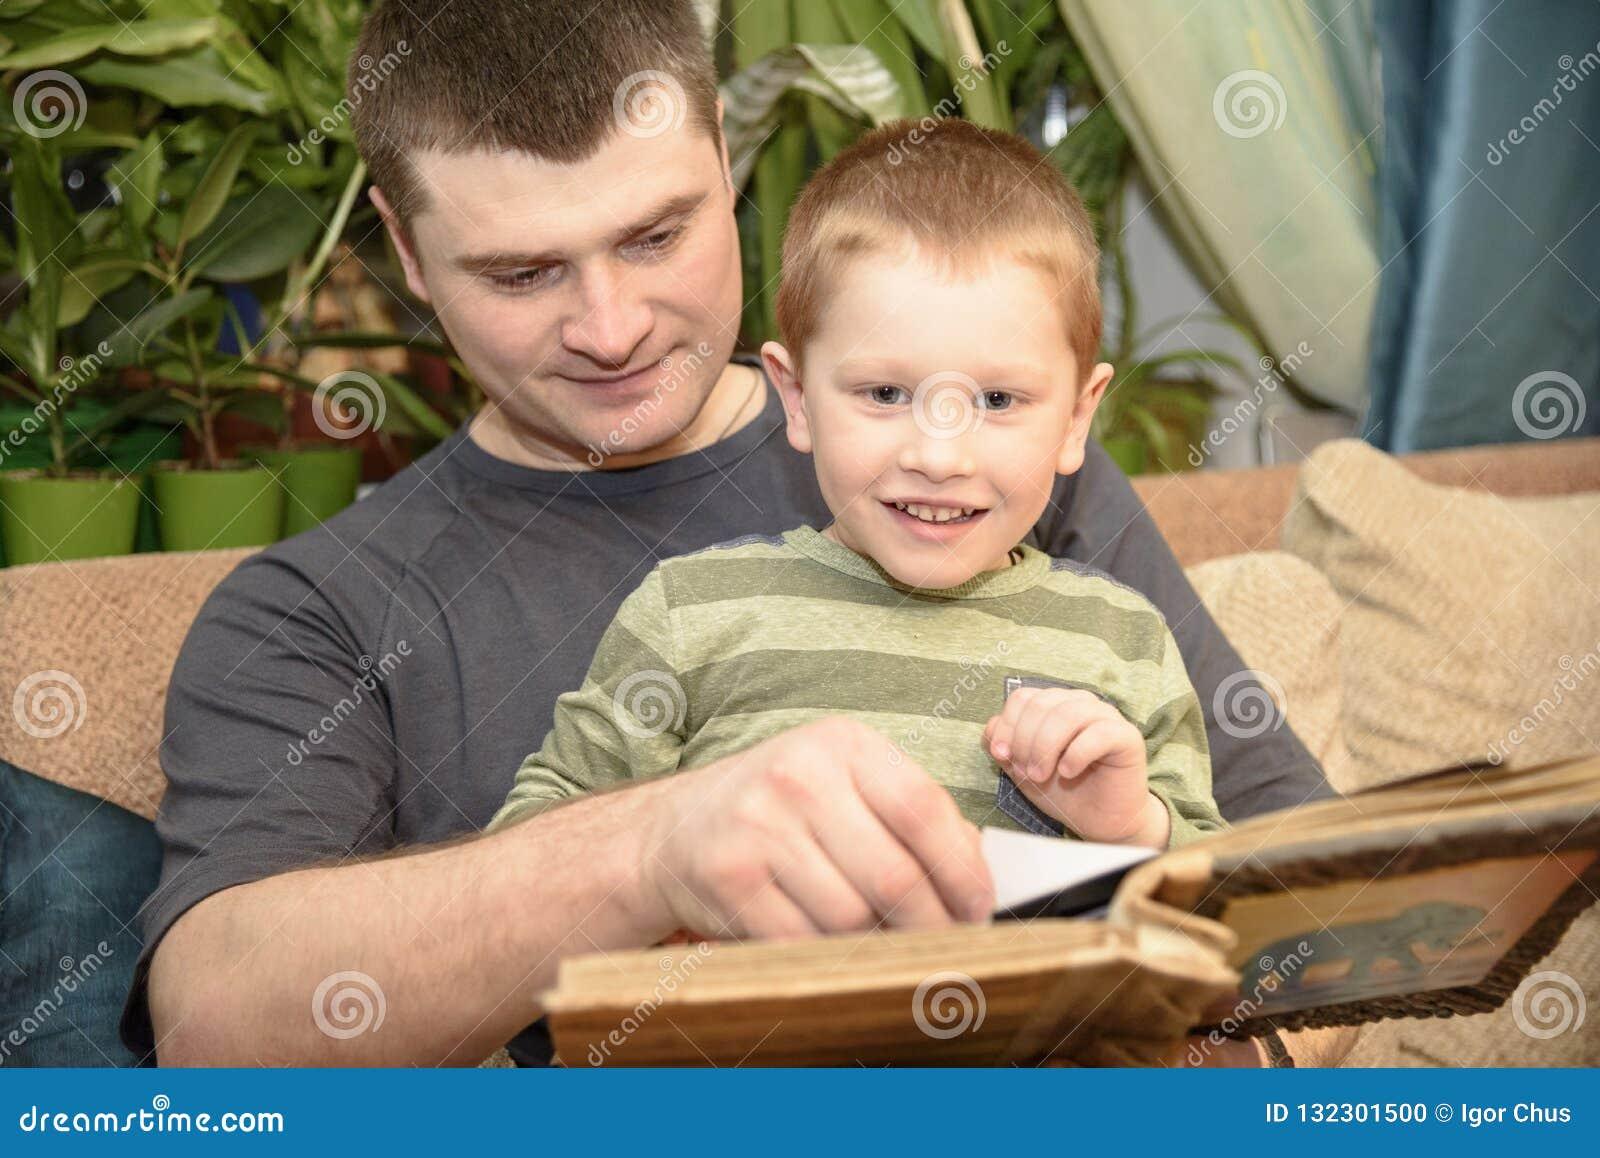 Πατέρας και γιος που προσέχουν ένα λεύκωμα οικογενειακών φωτογραφιών, Ukreina